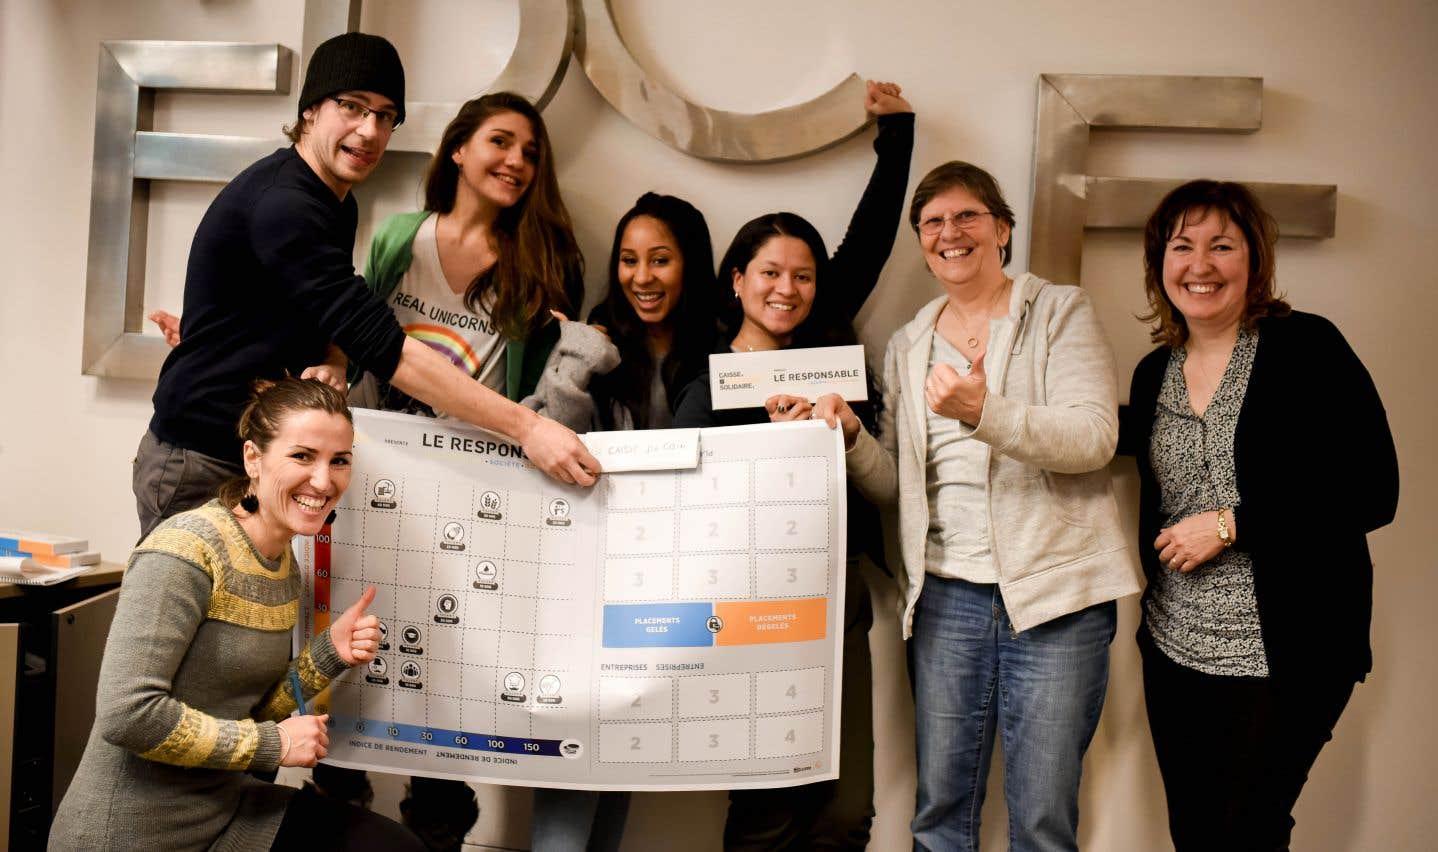 Équipe gagnante de la première joute ouverte au public du Responsable, un jeu d'initiation à l'investissement responsable créé par la Caisse d'économie solidaire Desjardins.